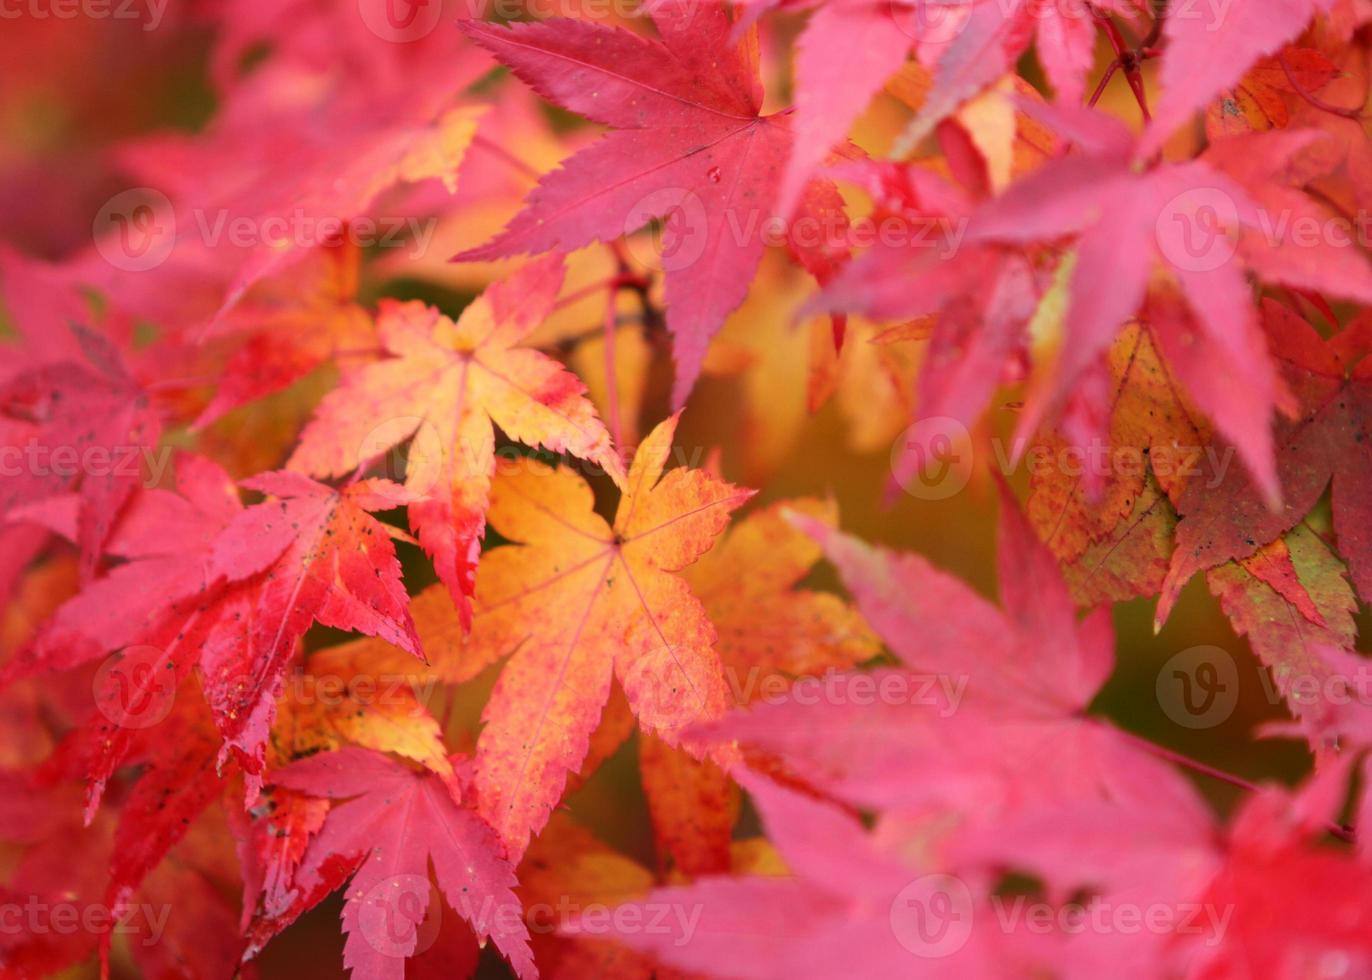 le foglie d'acero gialle e rosse celebrano l'autunno foto